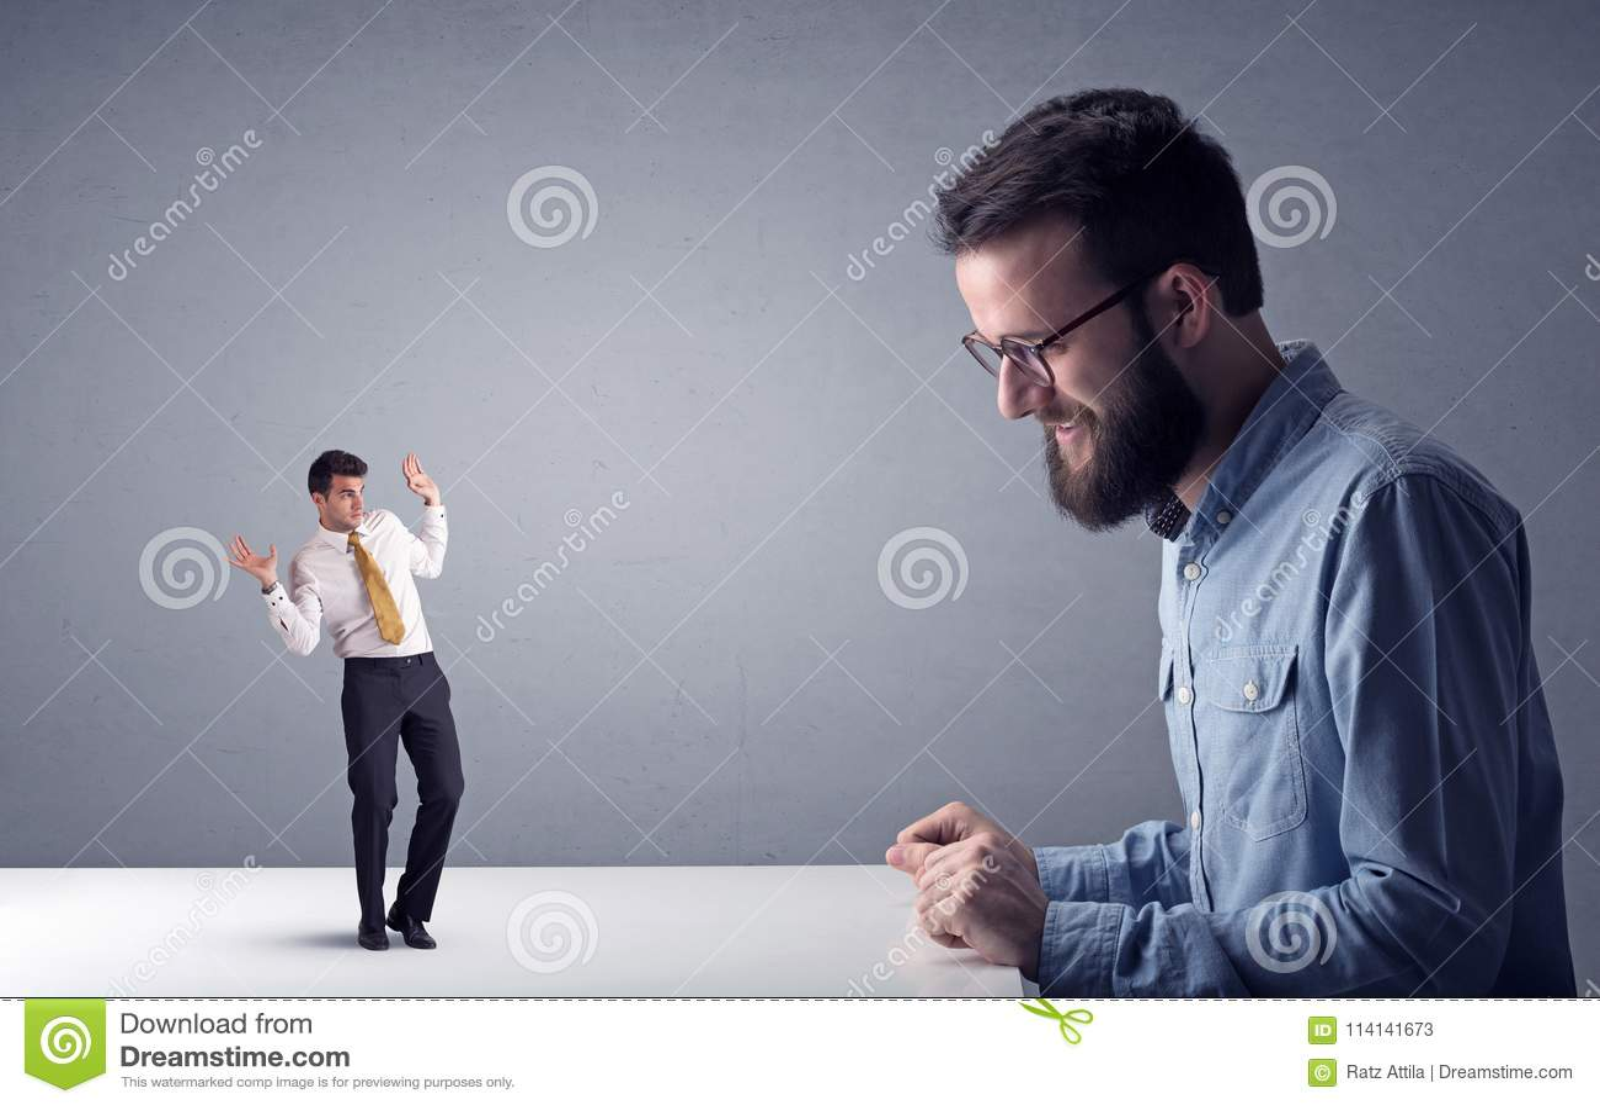 Homem de negócios novo que luta com homem de negócios diminuto